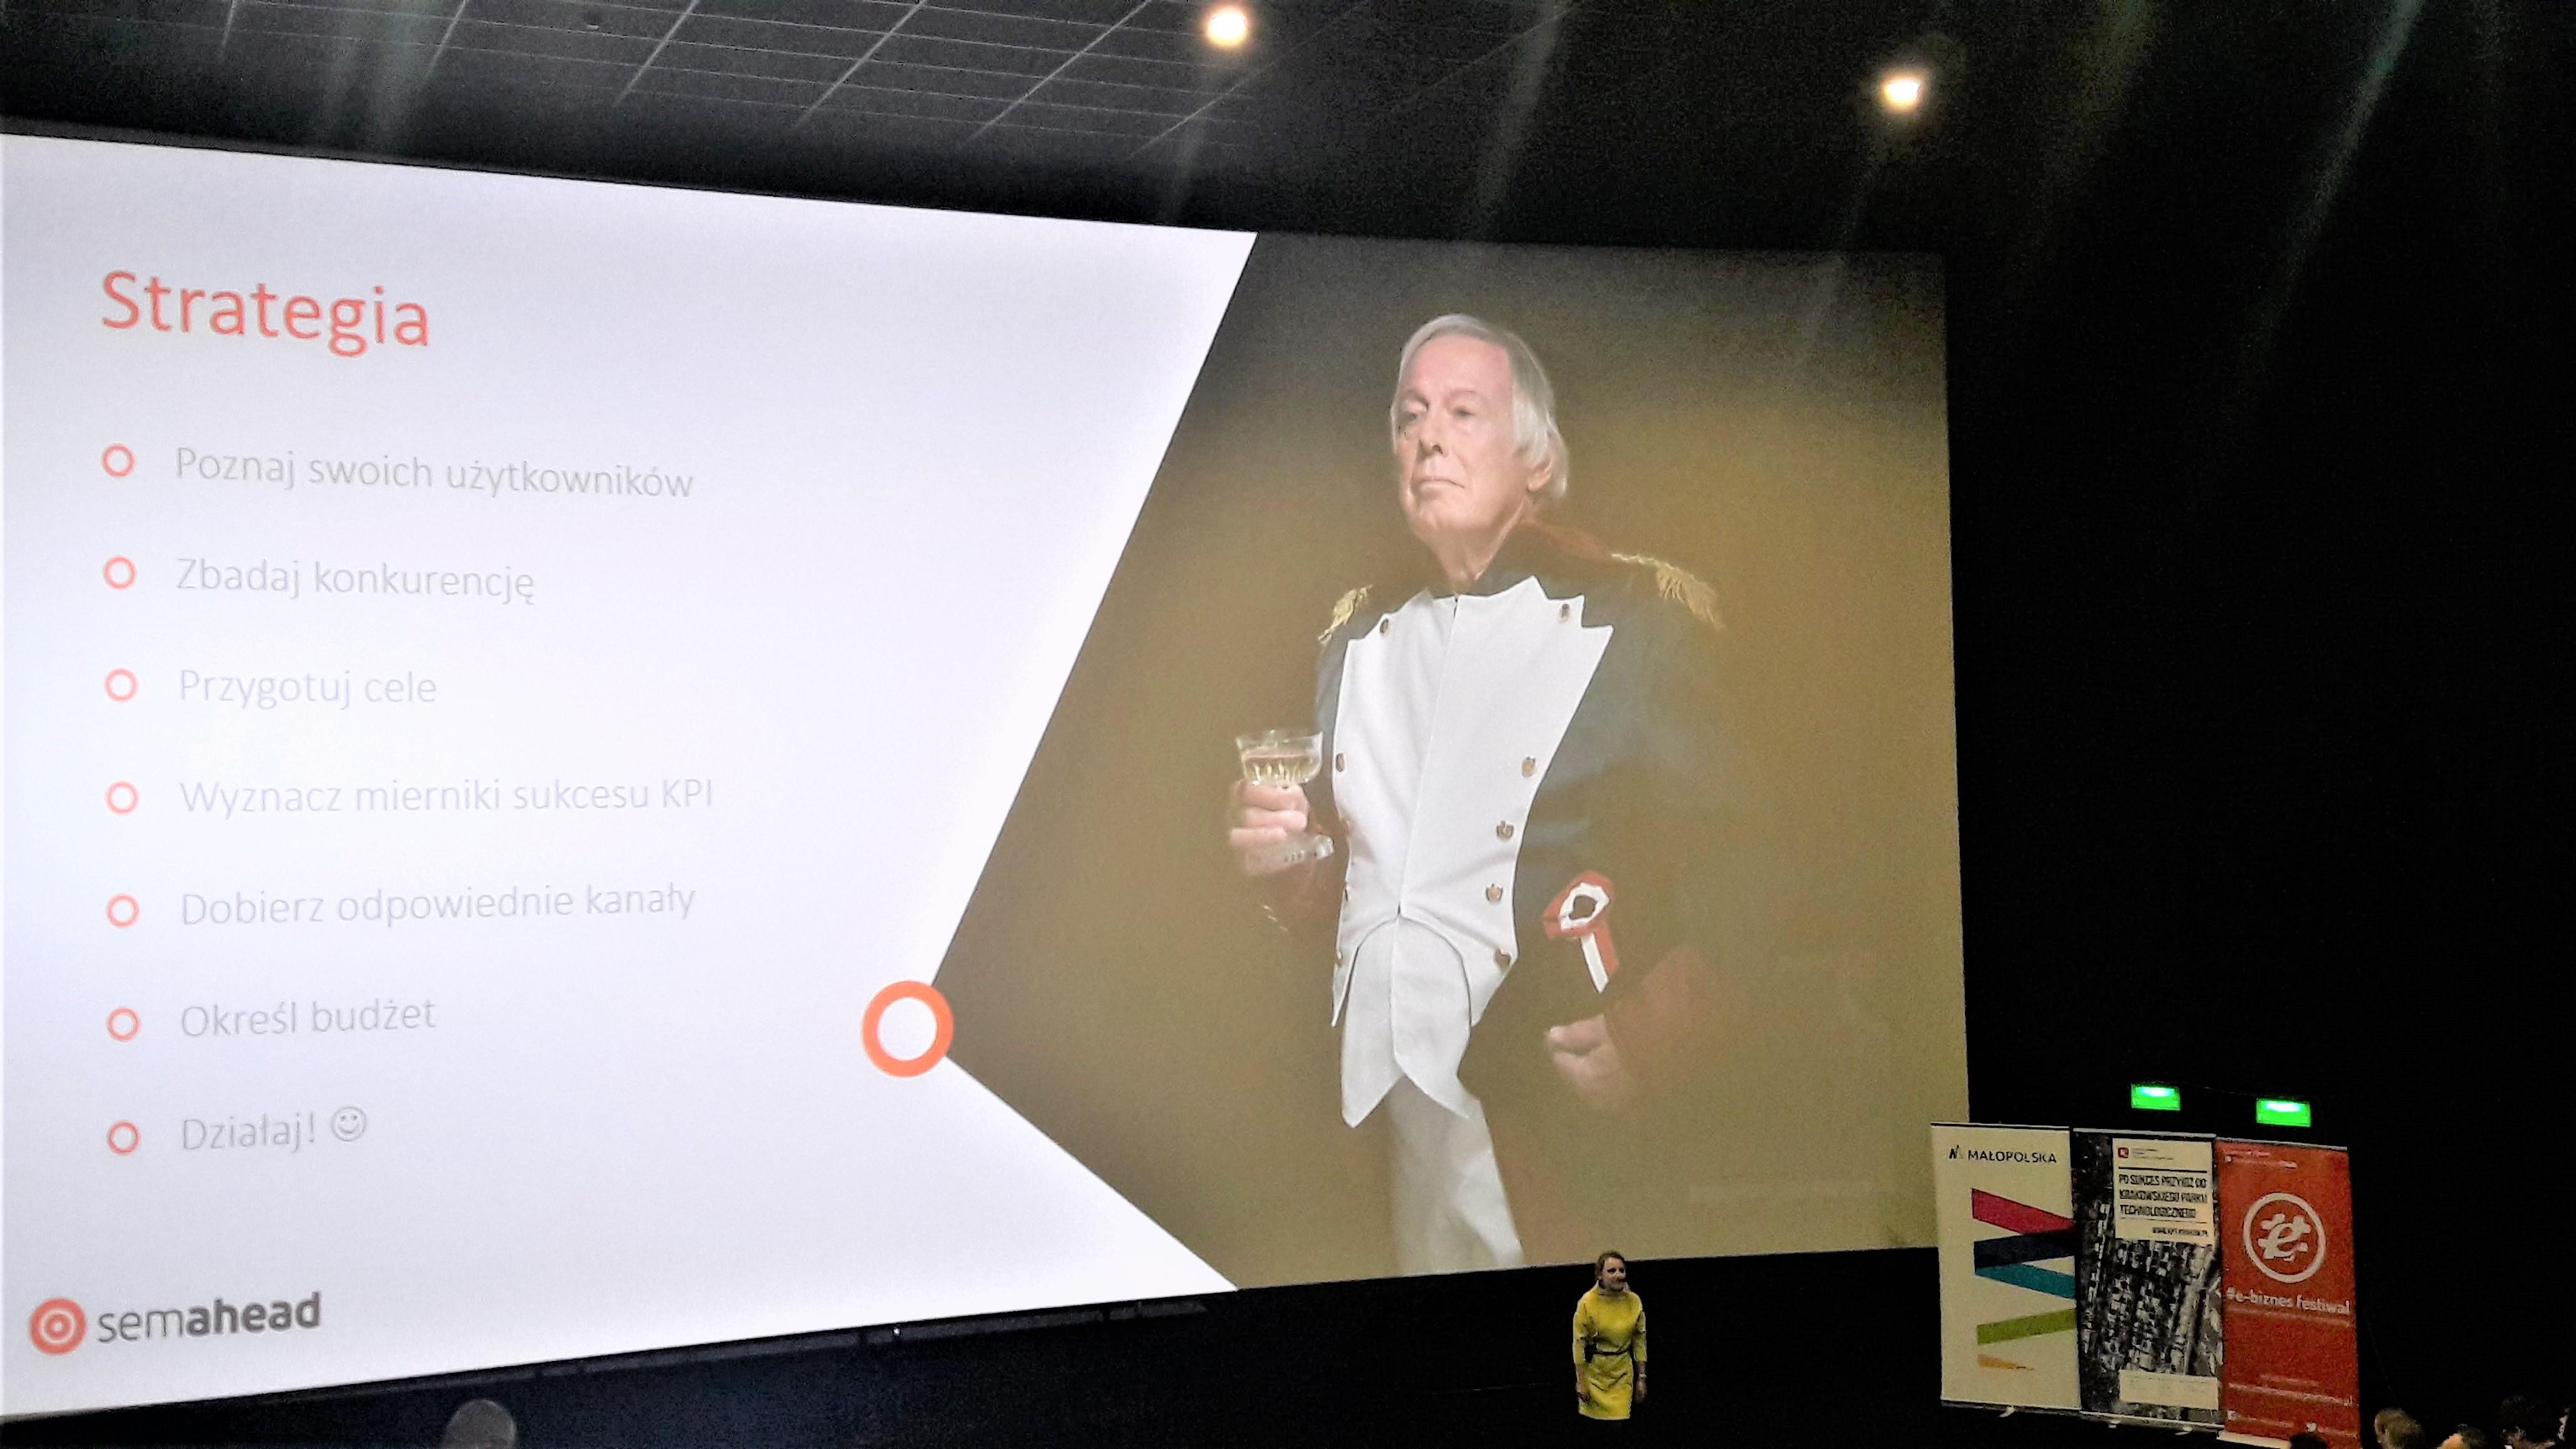 występienie semahead podczas ebiznes 2017